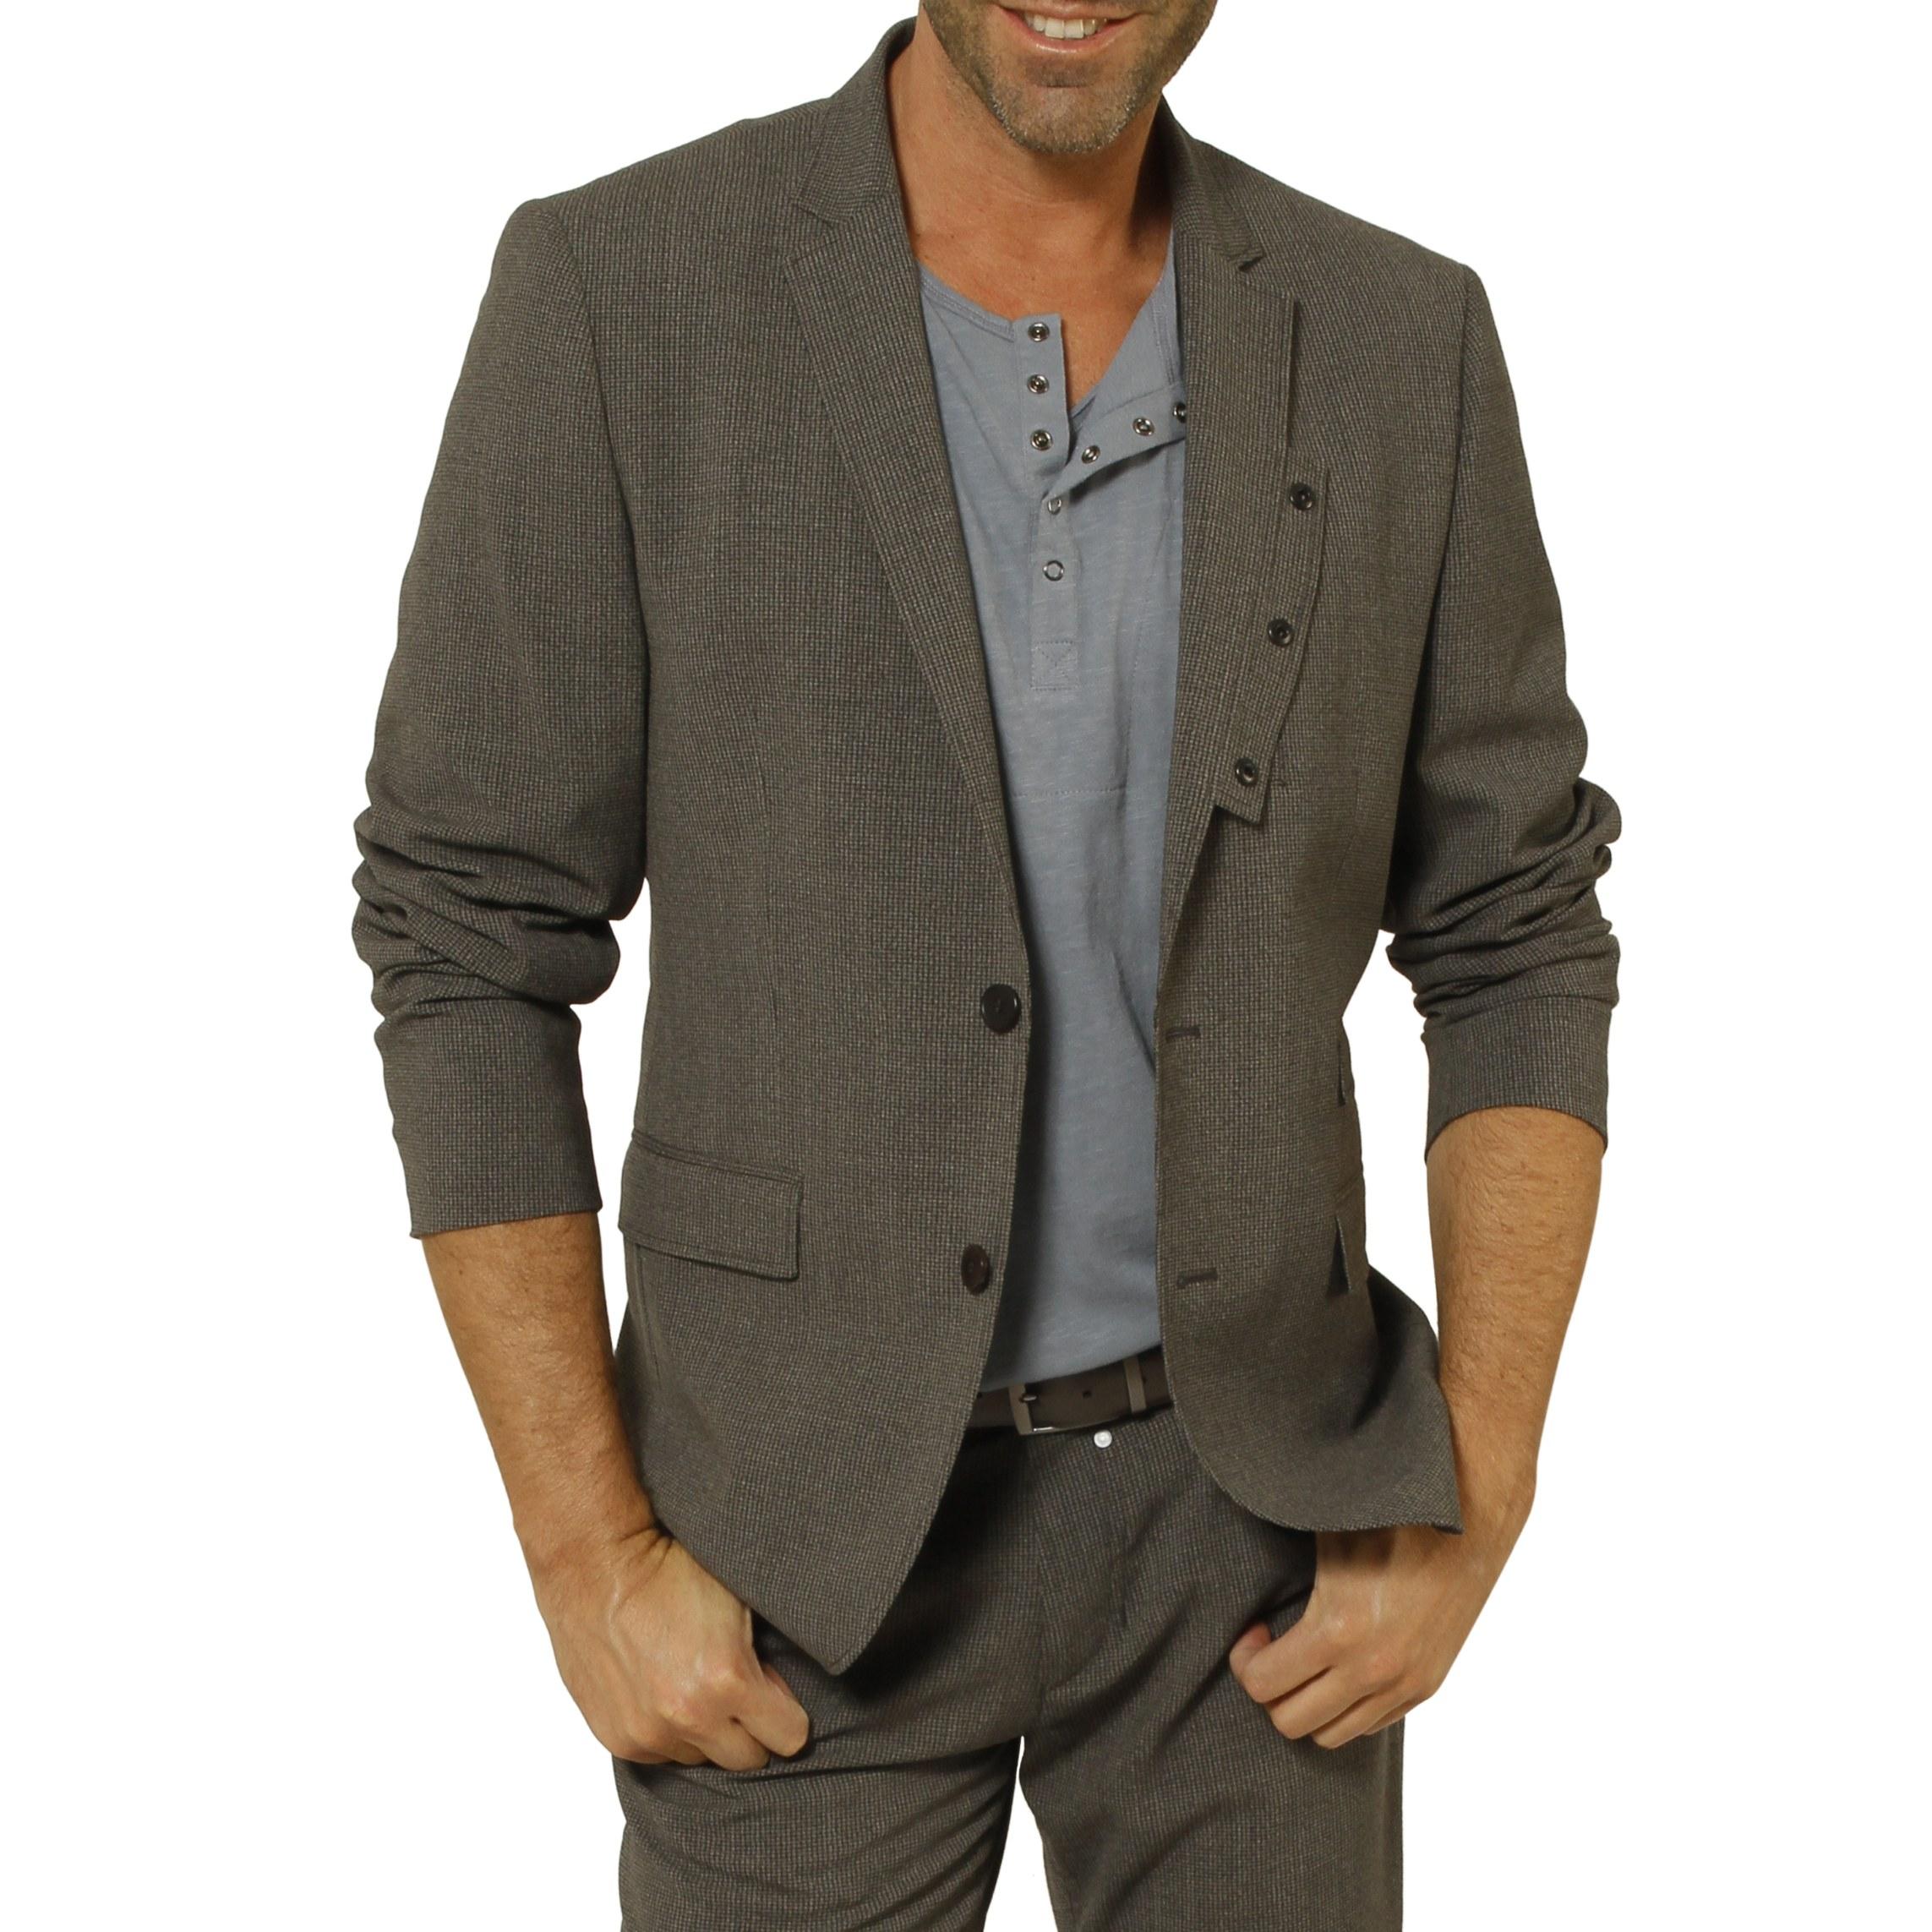 veste homme tendance tout n 39 est pas faire porter tous. Black Bedroom Furniture Sets. Home Design Ideas